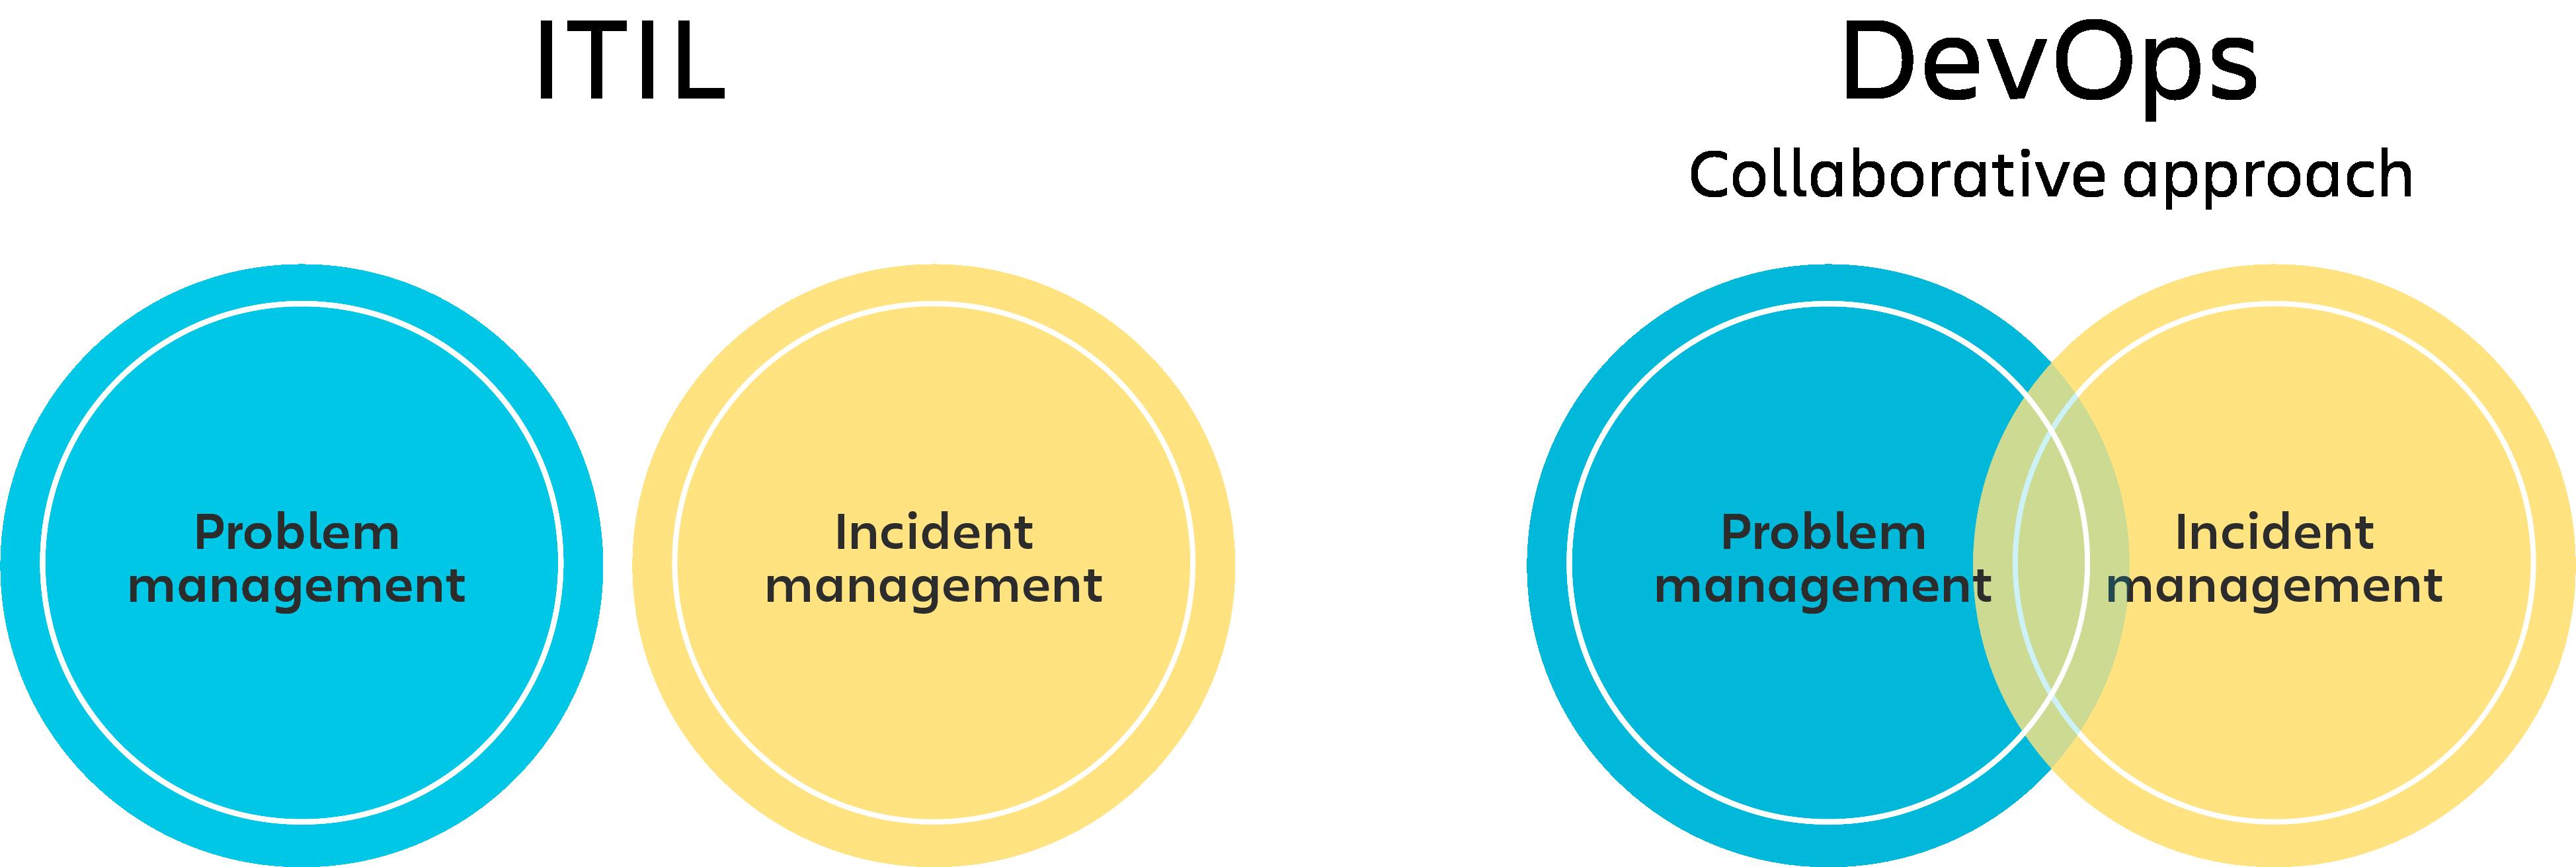 問題管理サークルとインシデント管理サークルを分離した ITIL の図と、問題管理とインシデント管理のベン図を使った DevOps の図